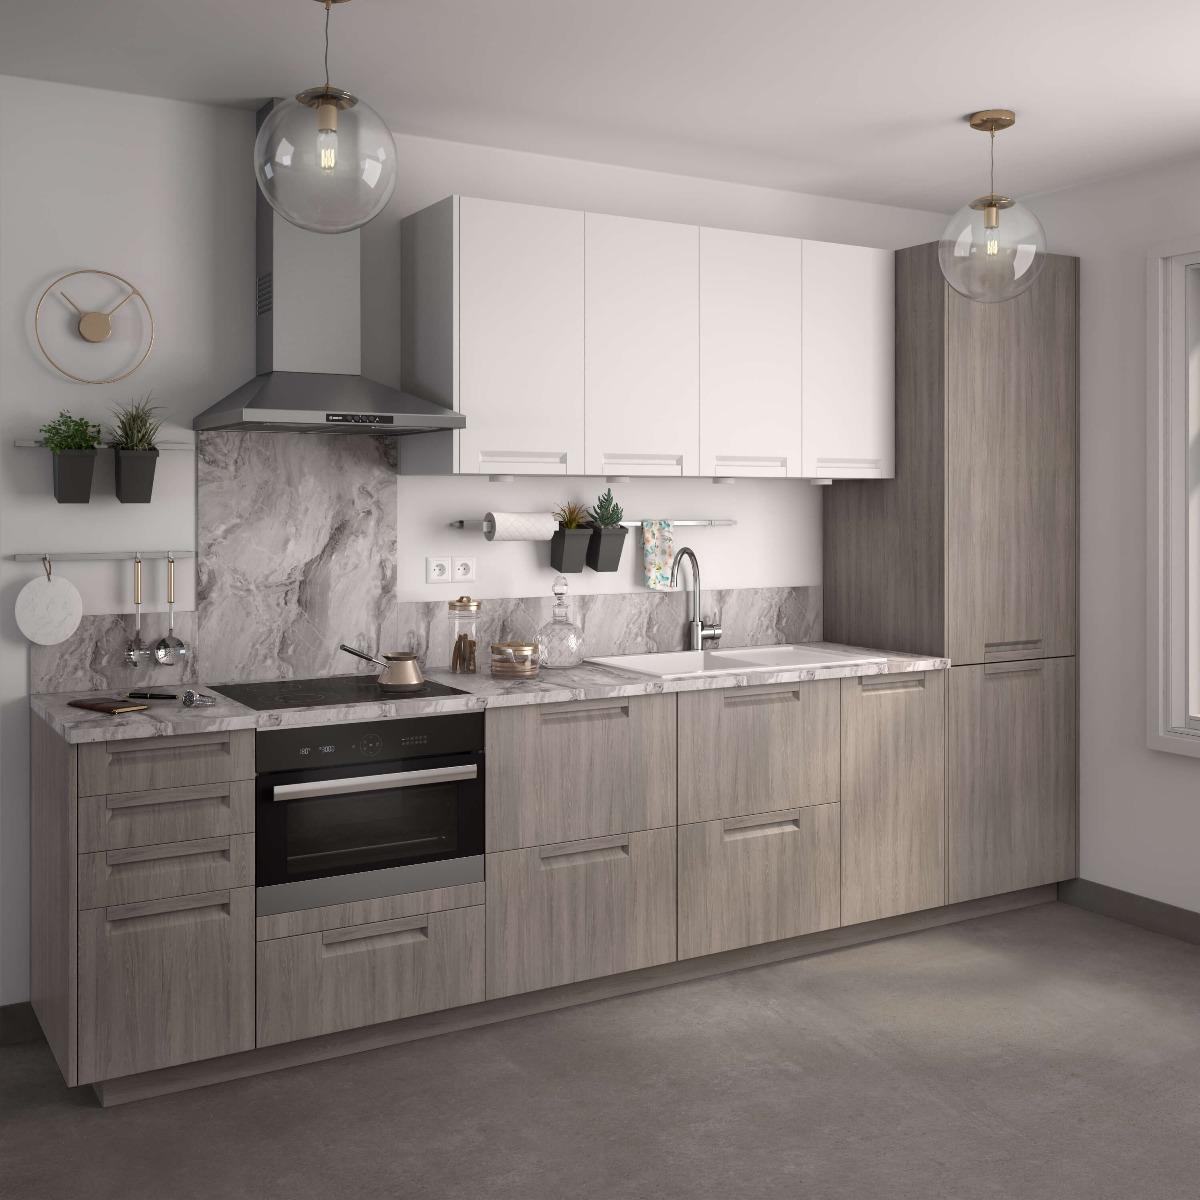 Delinia Detroit Designer Kitchen Mobi - Example 1